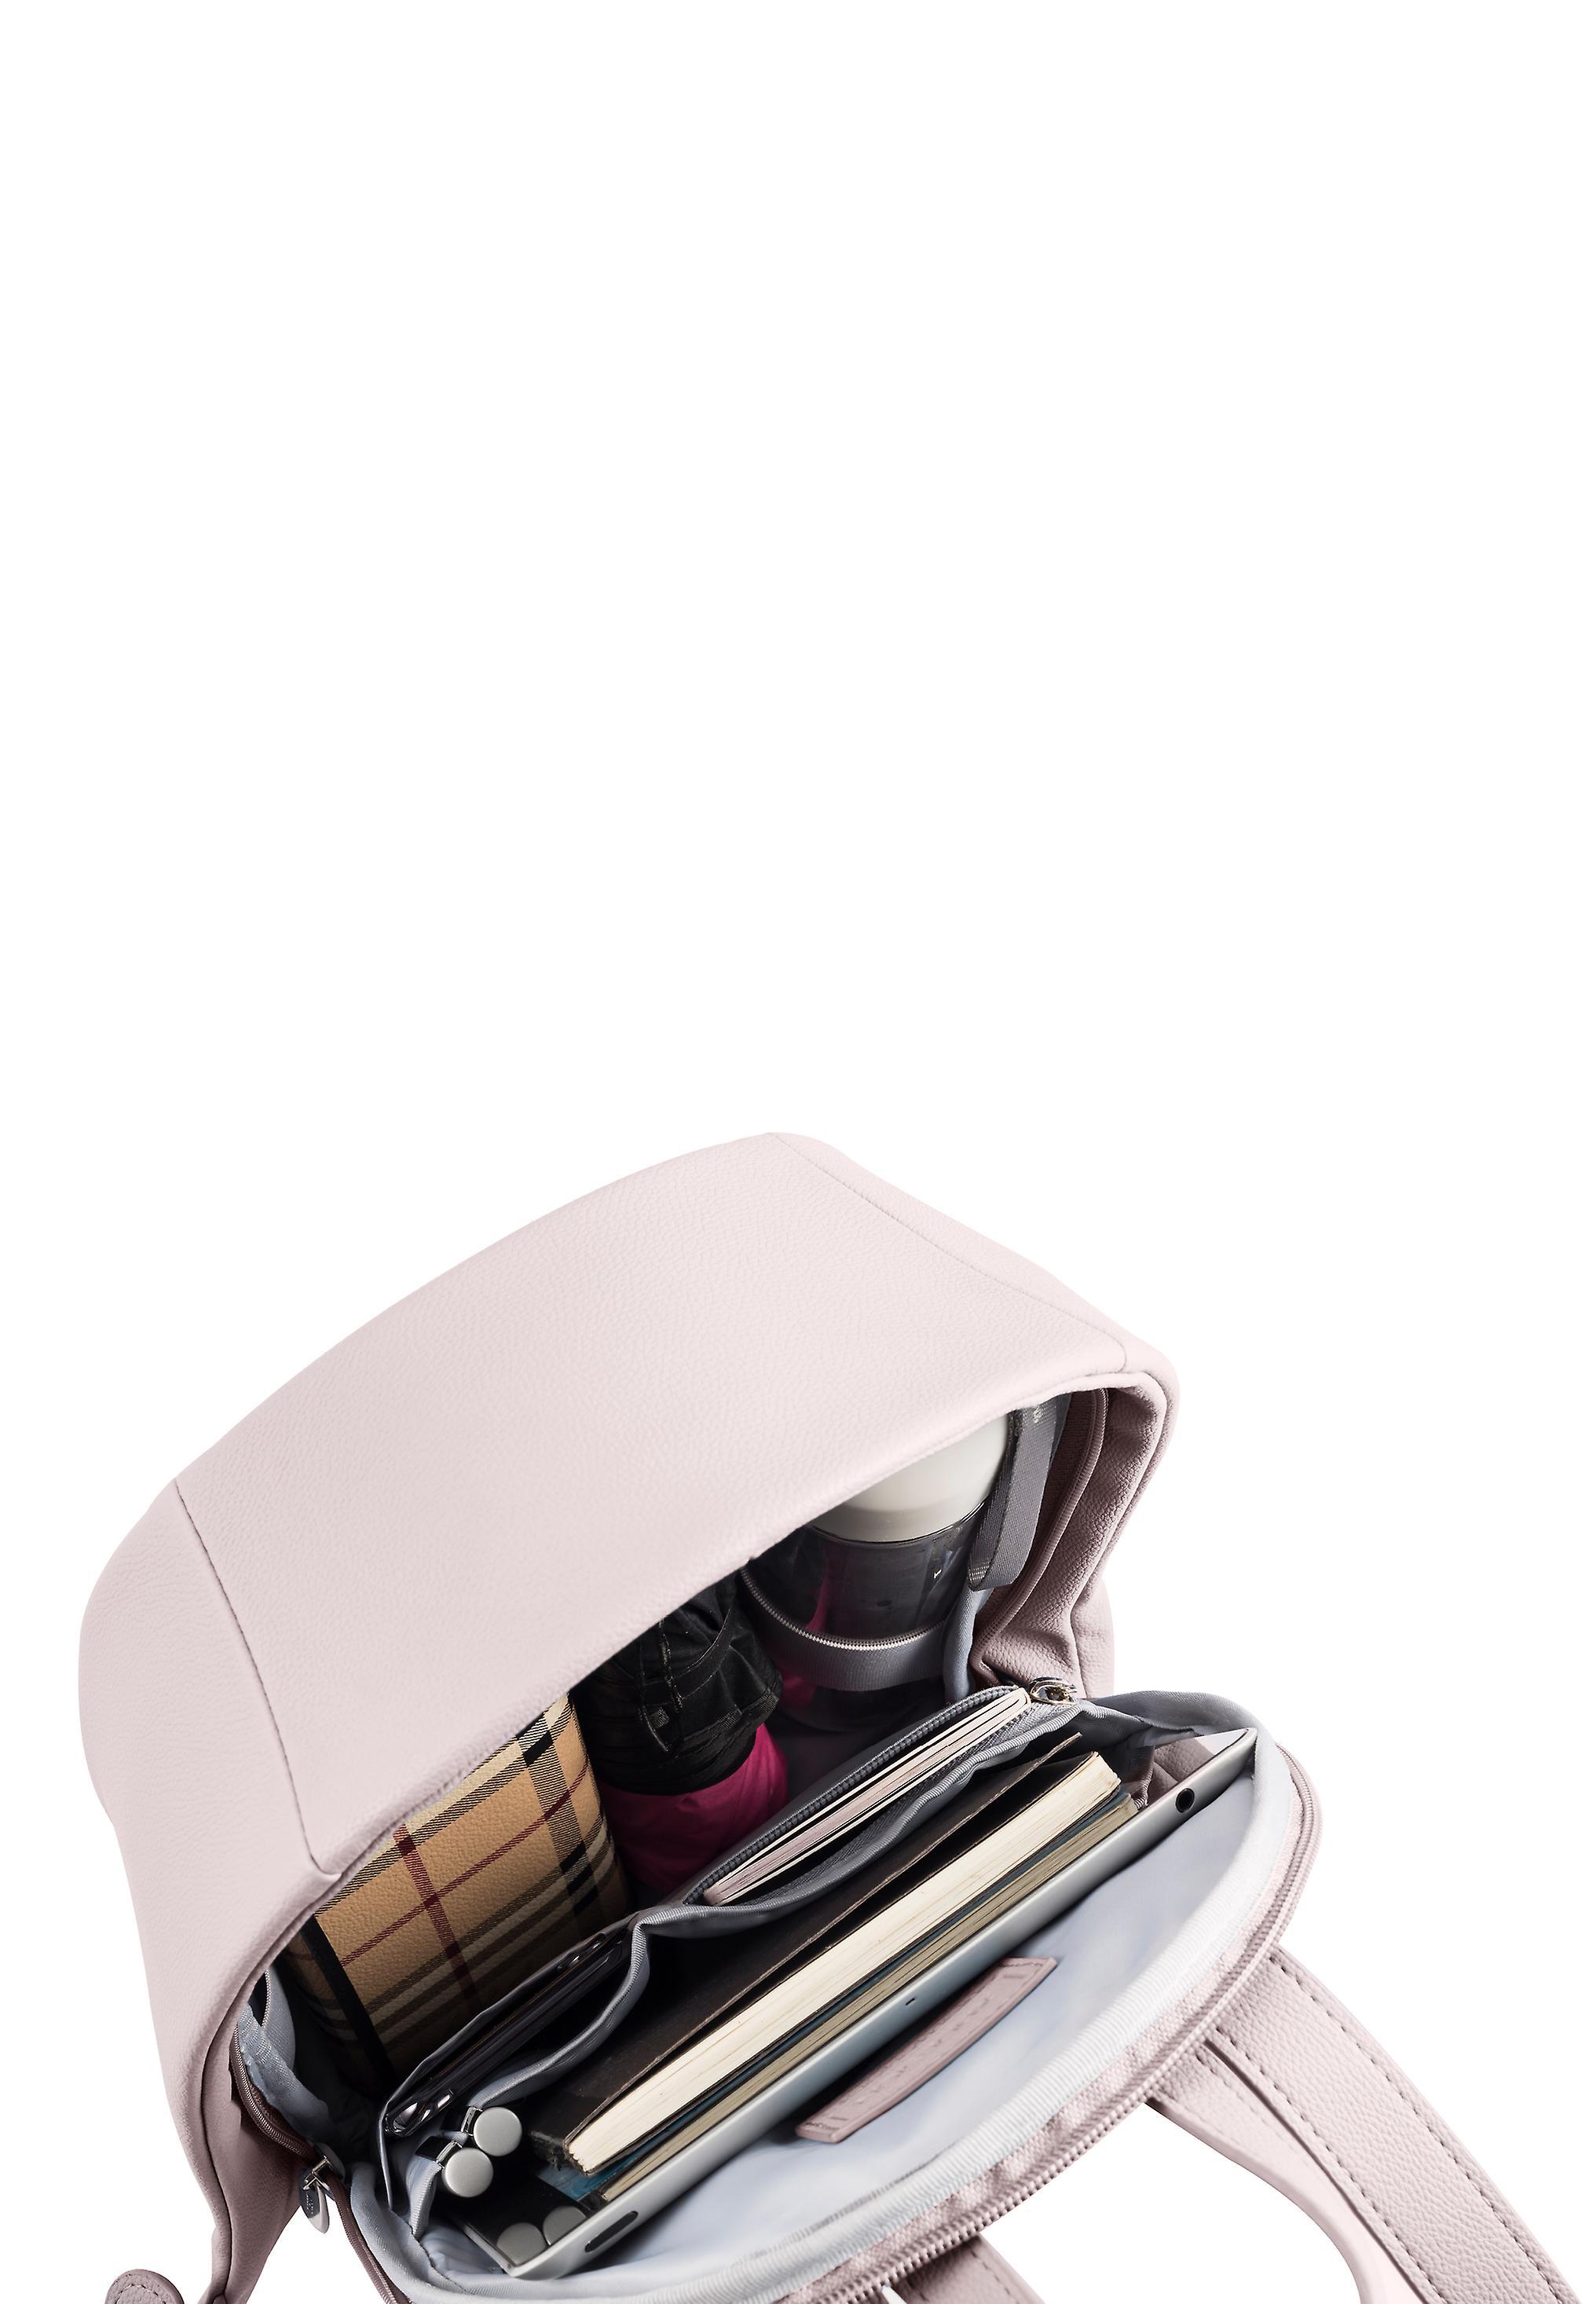 XD Design Elle Fashion anti-diefstal rugzak (vrouwen tas)